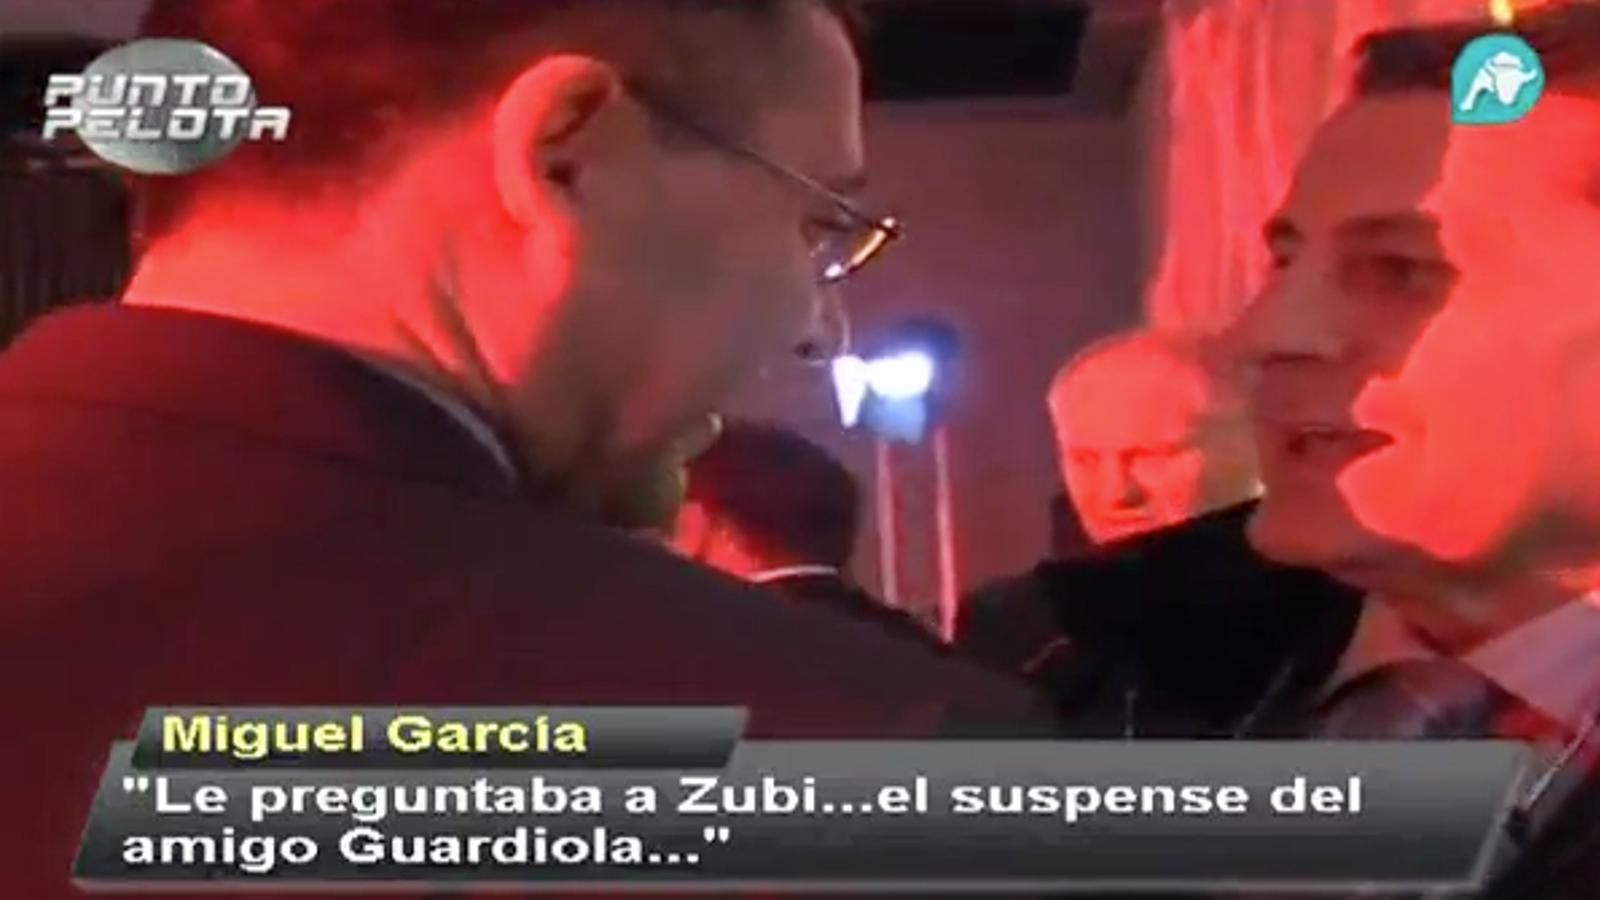 El president de l'Hospi col·labora amb Punto Pelota per treure informació d'amagat als directius del Barça